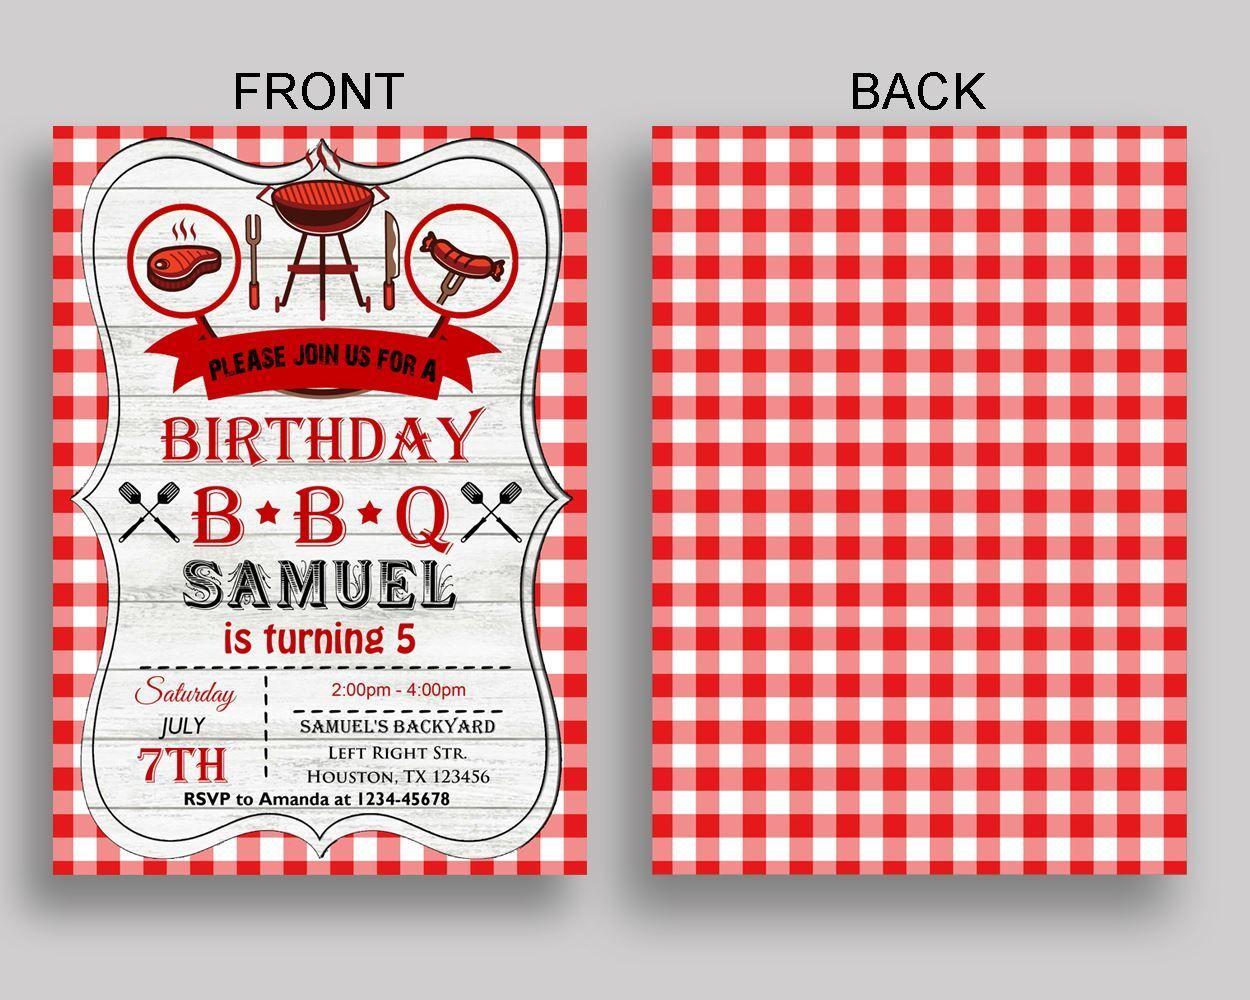 Barbecue Birthday Invitation Barbecue Birthday Party Invitation ...